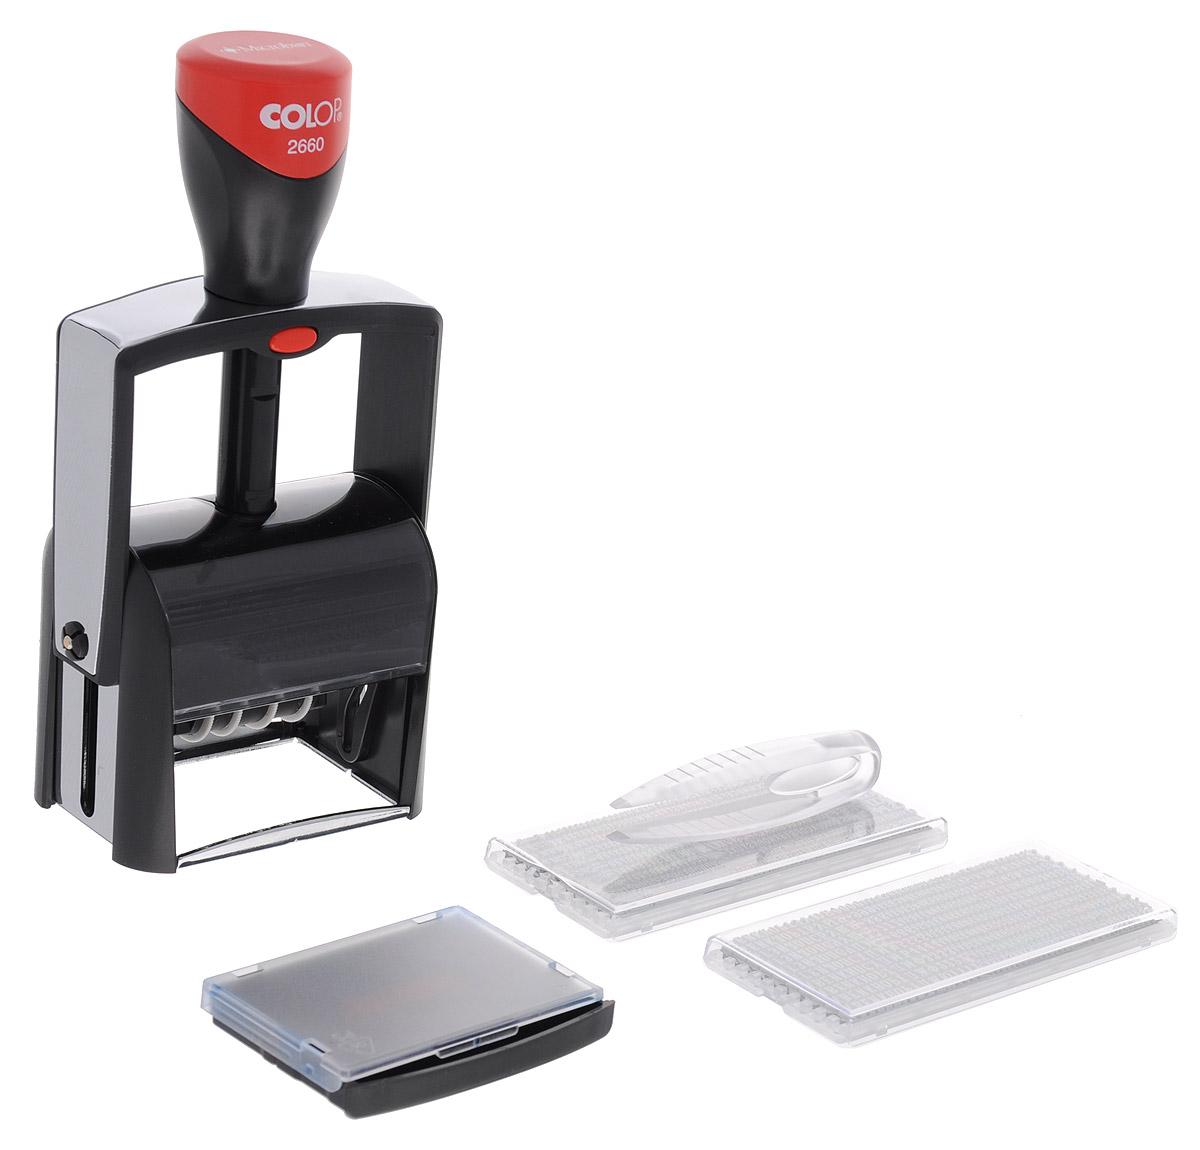 Colop Датер самонаборный S 2660 Set-FFS-00897Датер имеет металлический каркас, обрамленный пластиком.Автоматическое окрашивание текста. Встроенная антибактериальная защита на основе 3G-серебра в ручке и колпачке. Изделие предназначено для работы с повышенной нагрузкой. Мягкость и бесшумность хода, легкий доступ к колесам смены даты.Ленты датерных механизмов закрыты специальным кожухом, который гарантирует абсолютную чистоту в процессе использования. Рифленая пластина для набора текста расположена вокруг даты, дата 4 мм - находится в центре.Датер рассчитан на 12 лет, включая текущий год. В комплекте: датер с рифленой пластиной, пинцет, две кассы букв Type Set A и B, двухцветная сменная подушка, рамка. Месяц указан буквами. Крепление символов на одной ножке, экспресс-набор текста.